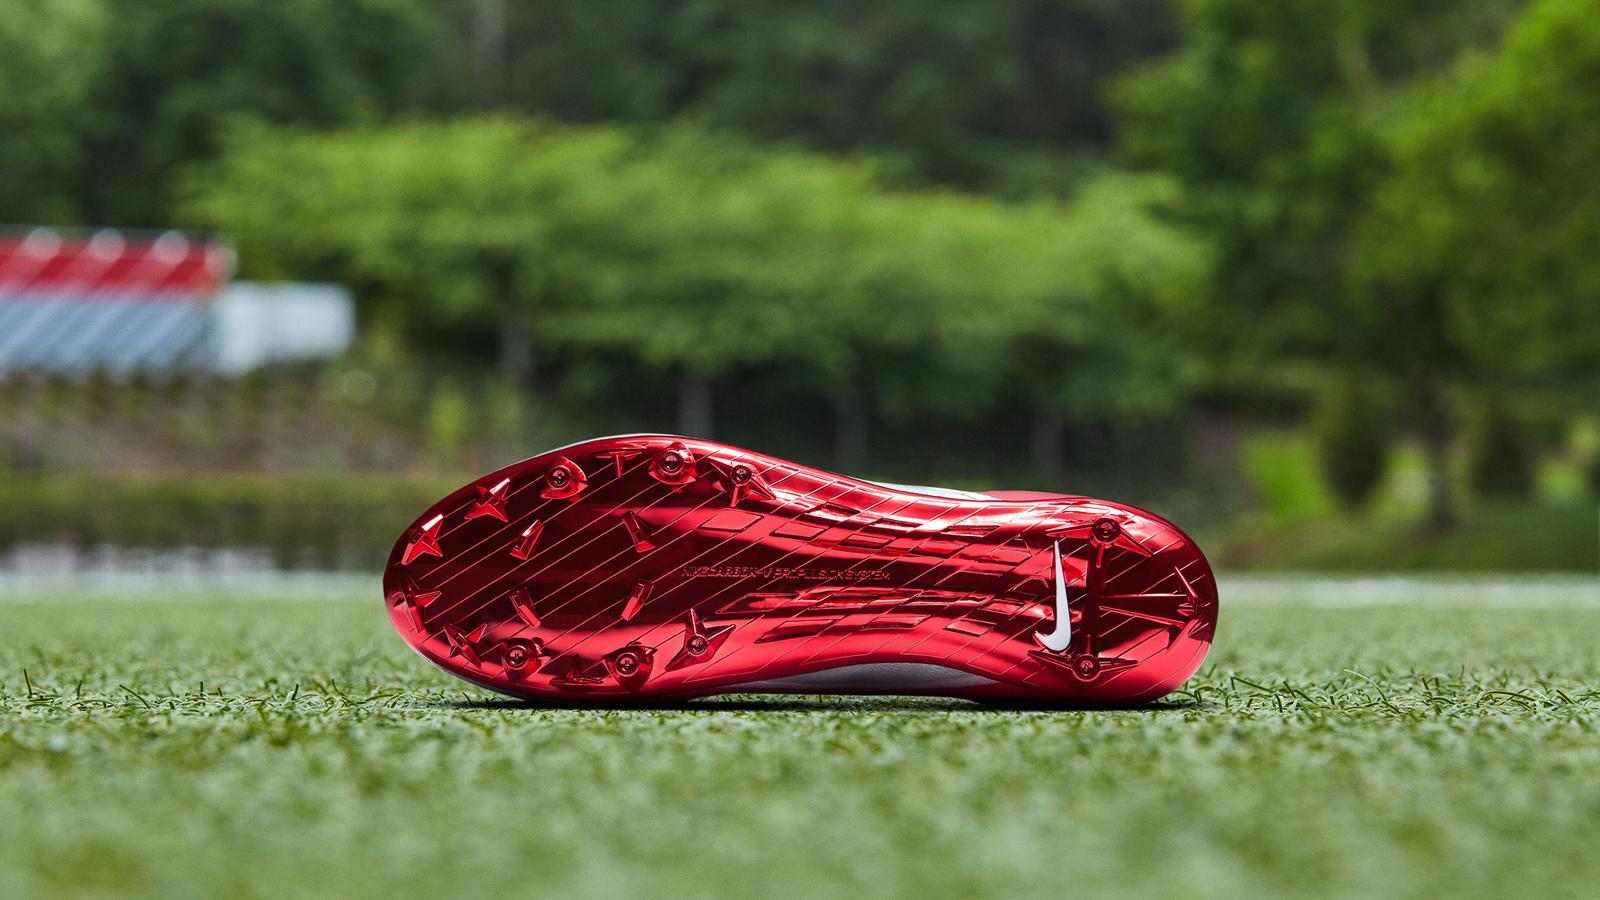 Nike Mercurial El Fenómeno Cleat 0